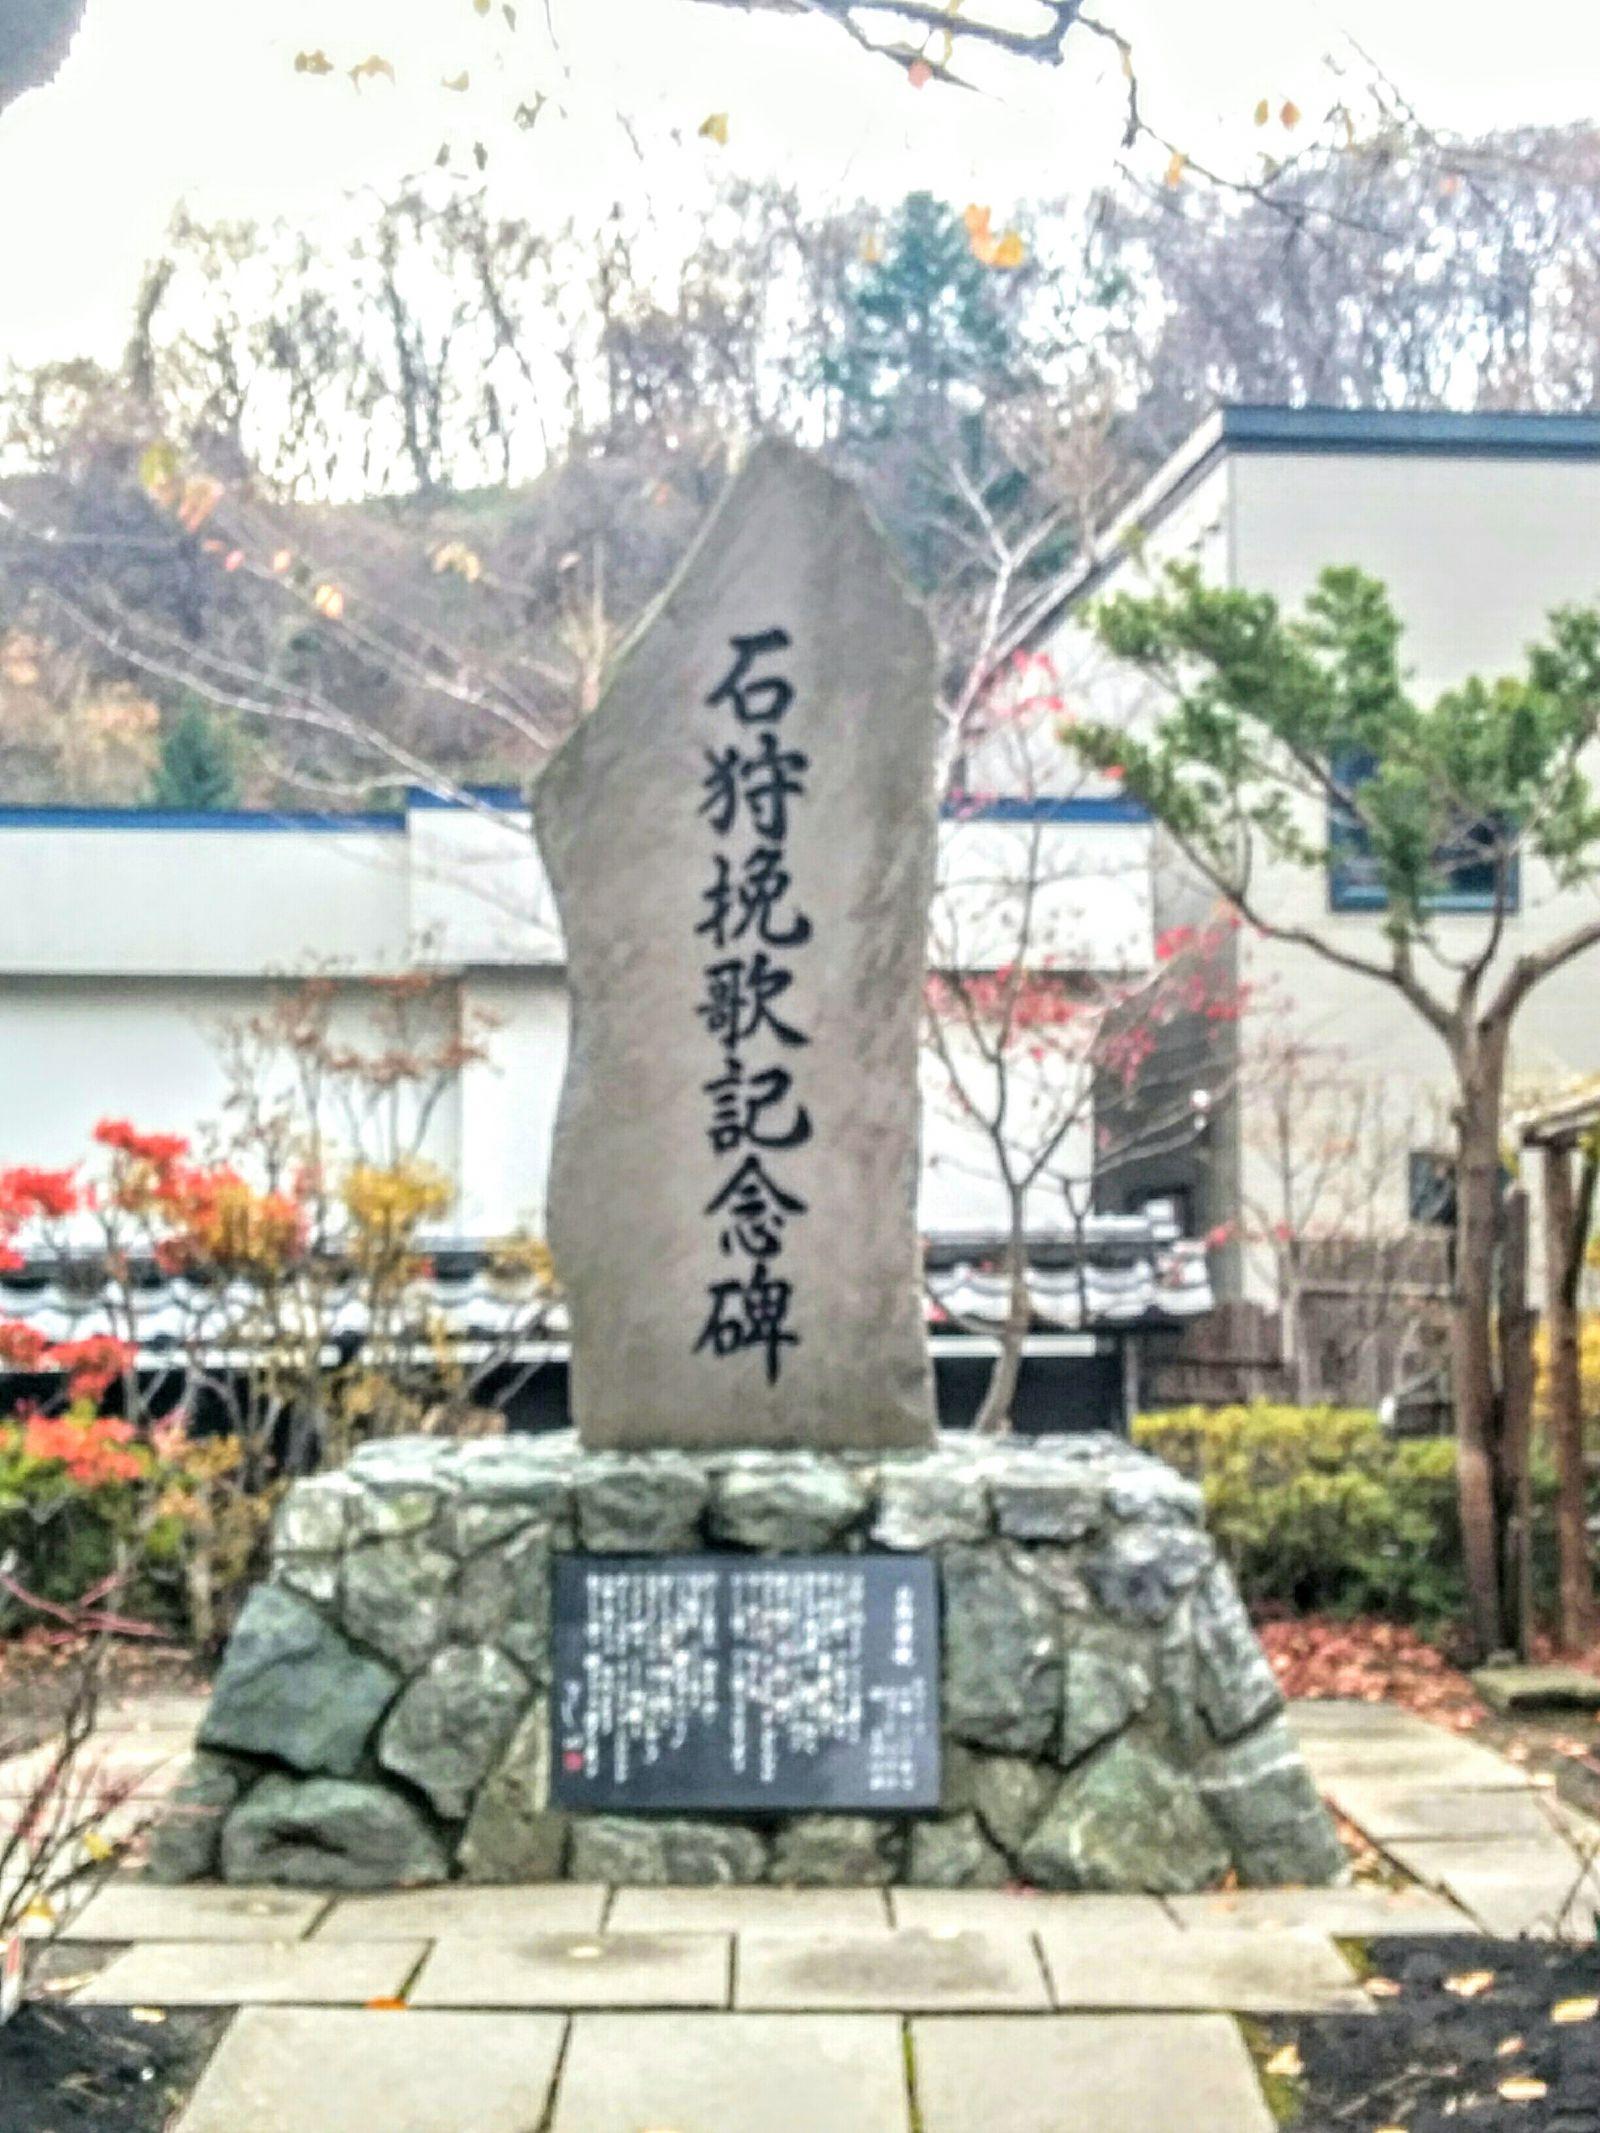 【小樽】石狩挽歌記念碑観光案内です。